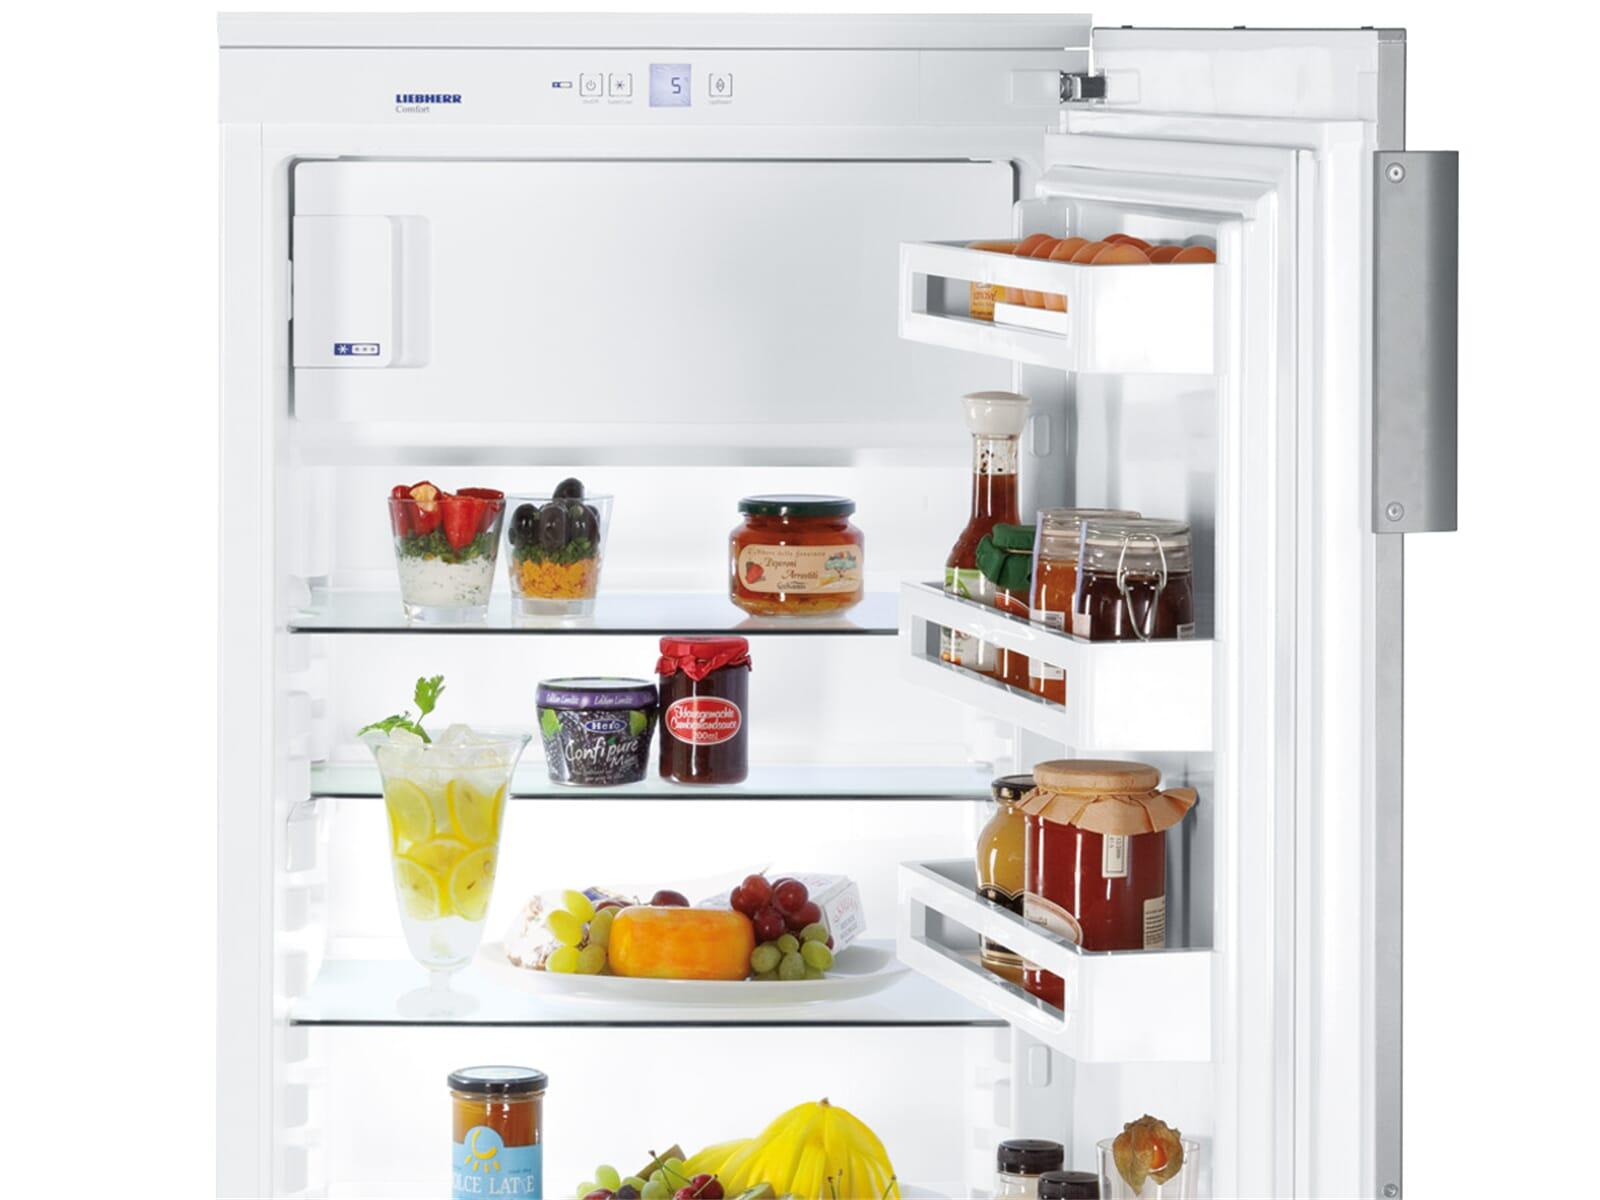 Miniküche Kühlschrank Austauschen : Miniküche mit ceranfeld und kühlschrank kühlschrank